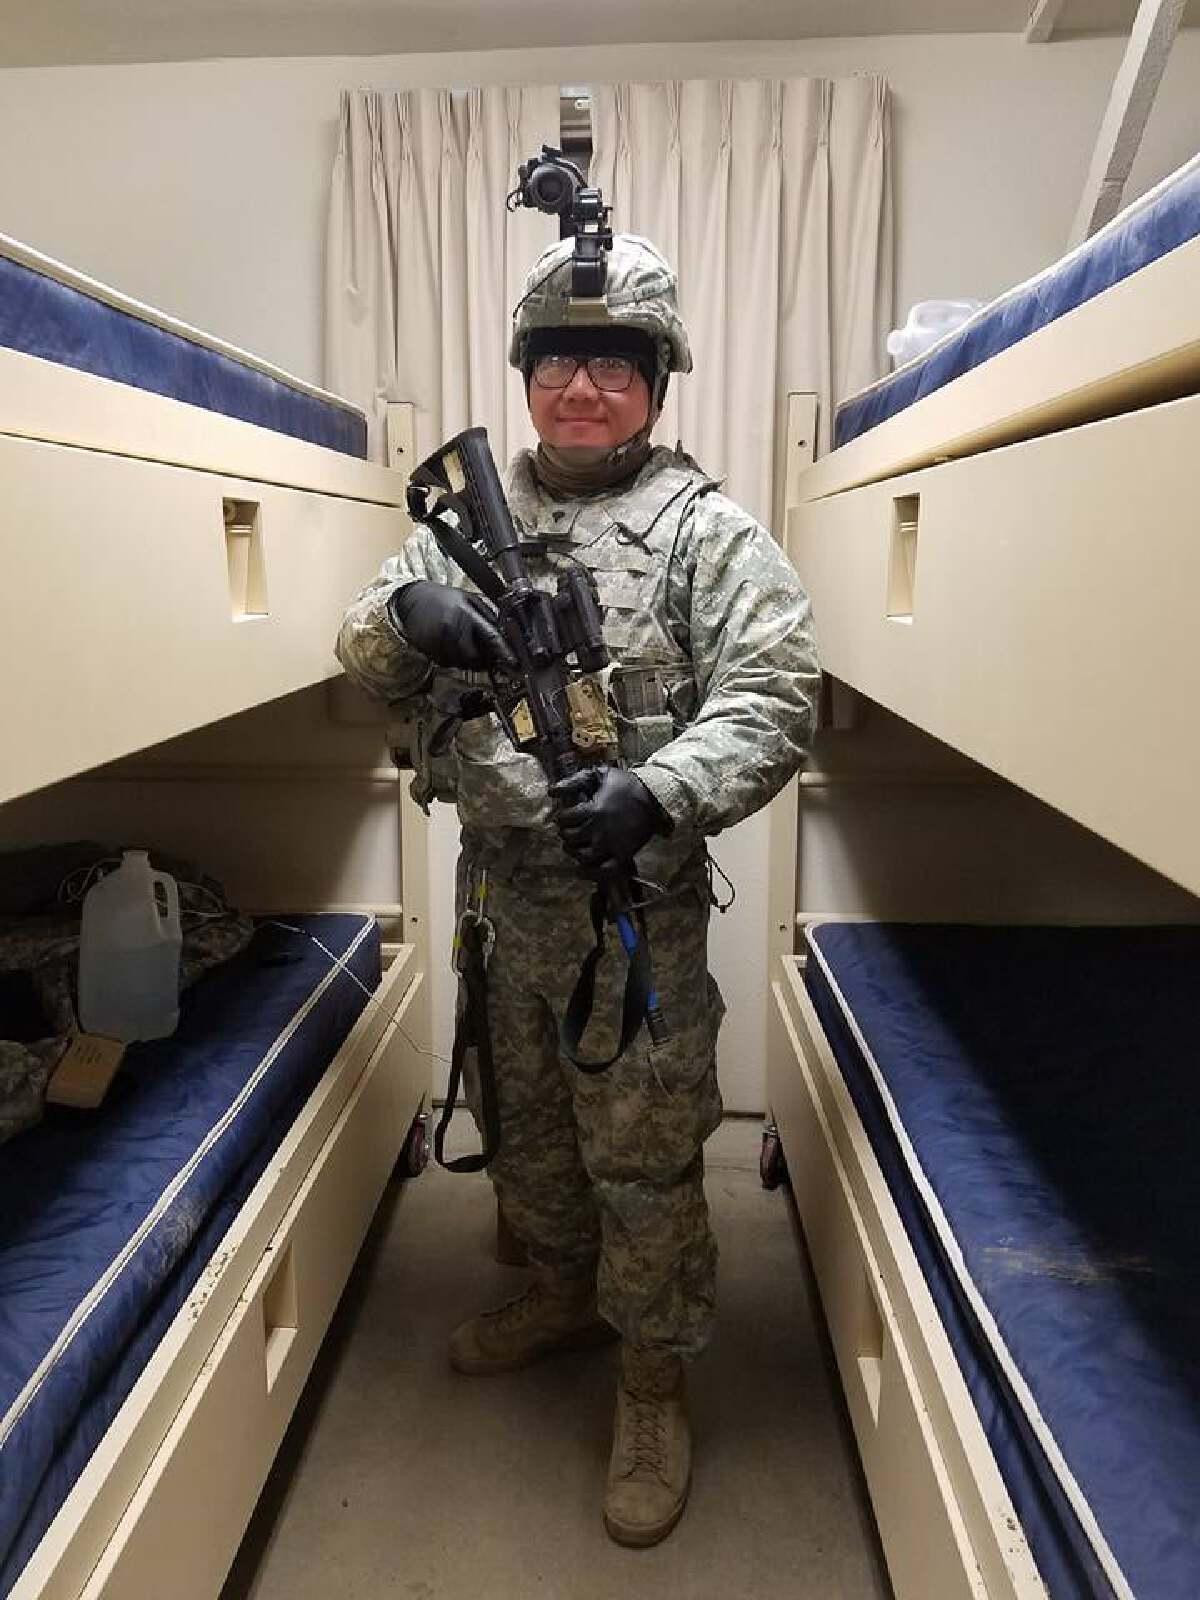 """หนุ่มเล่ากว่าจะเป็น ทหารสหรัฐฯ ให้กำลังใจเด็กไทย """"ฝันได้ ต้องไปให้ถึง"""""""